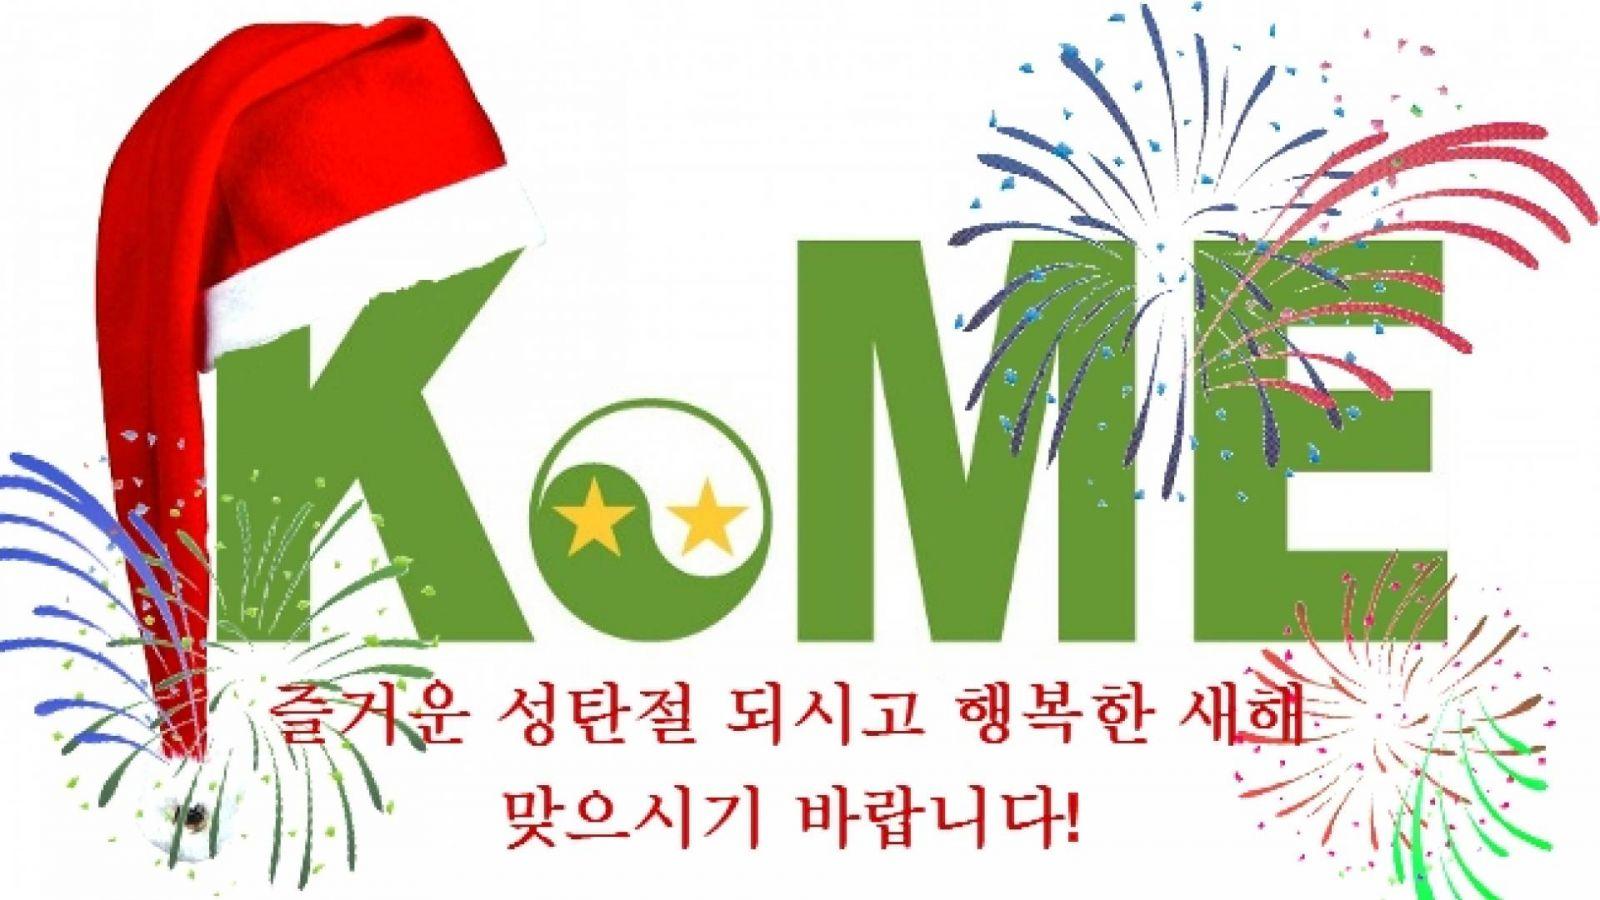 KoME wünscht fröhliche Weihnachten und einen guten Rutsch ins neue Jahr © KoME